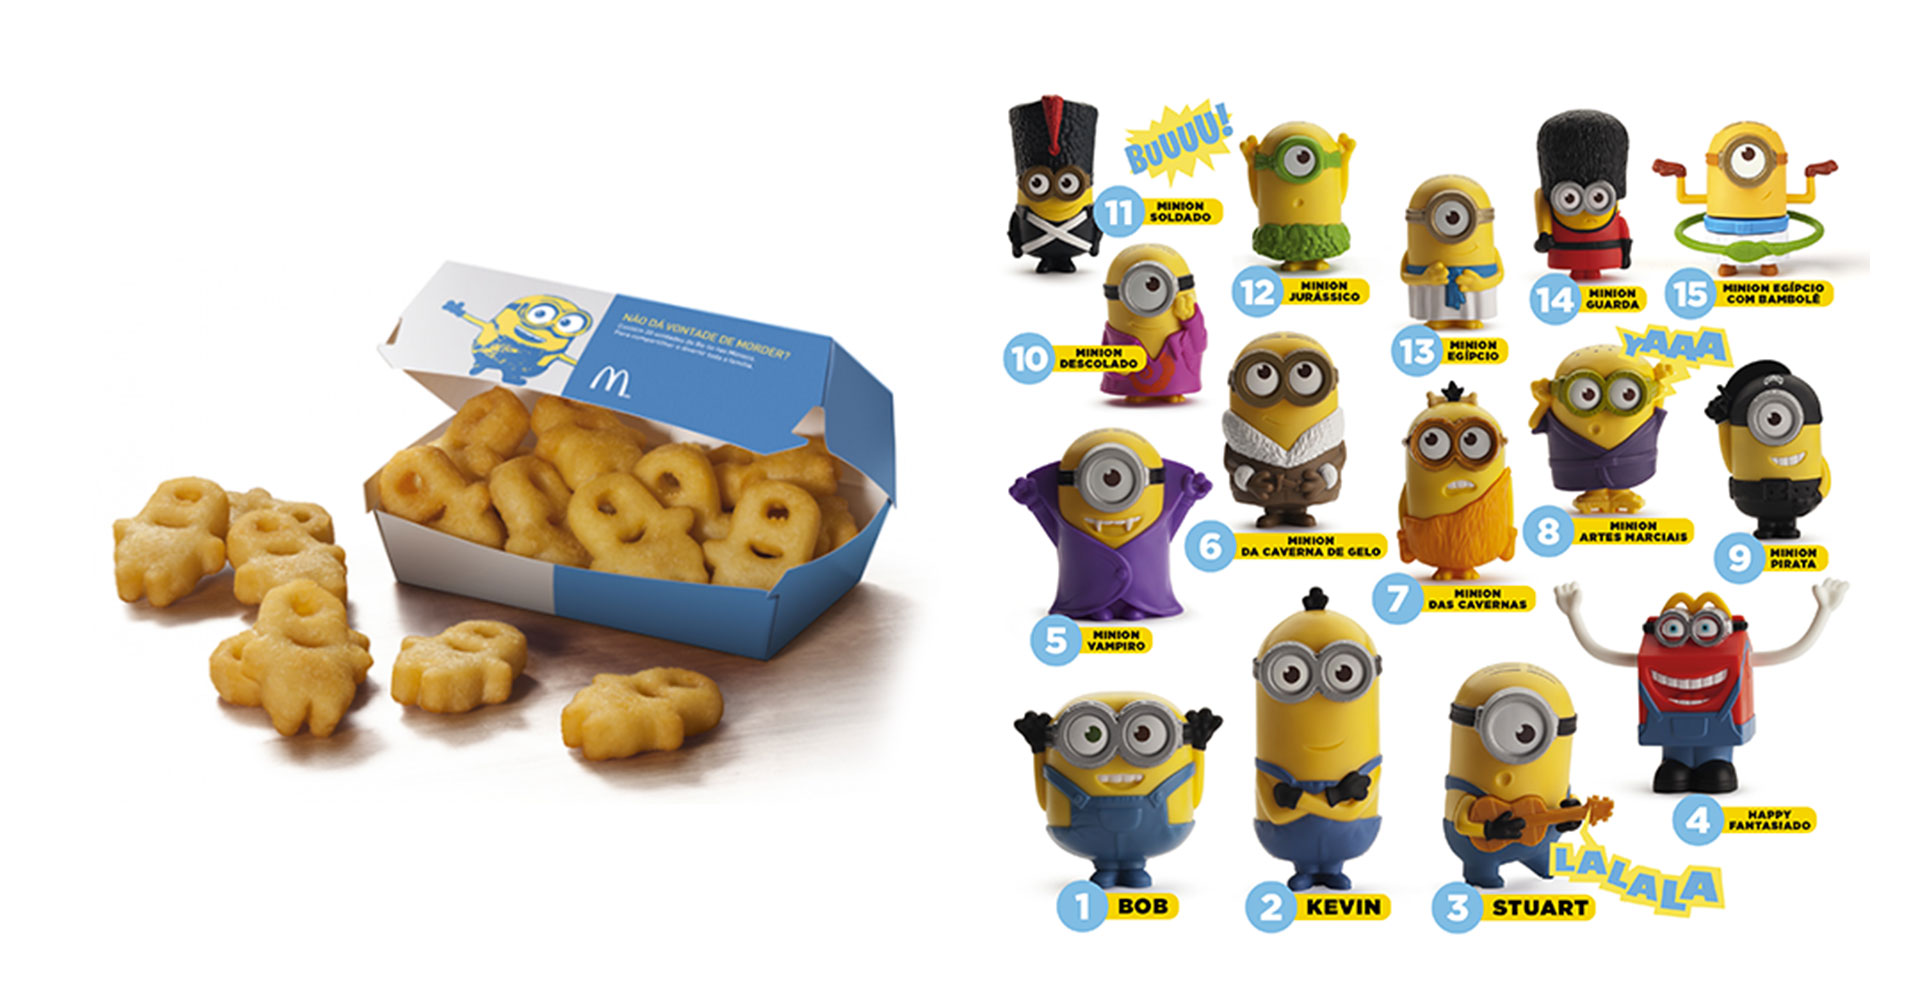 Les Minions s'invitent chez McDonald's !